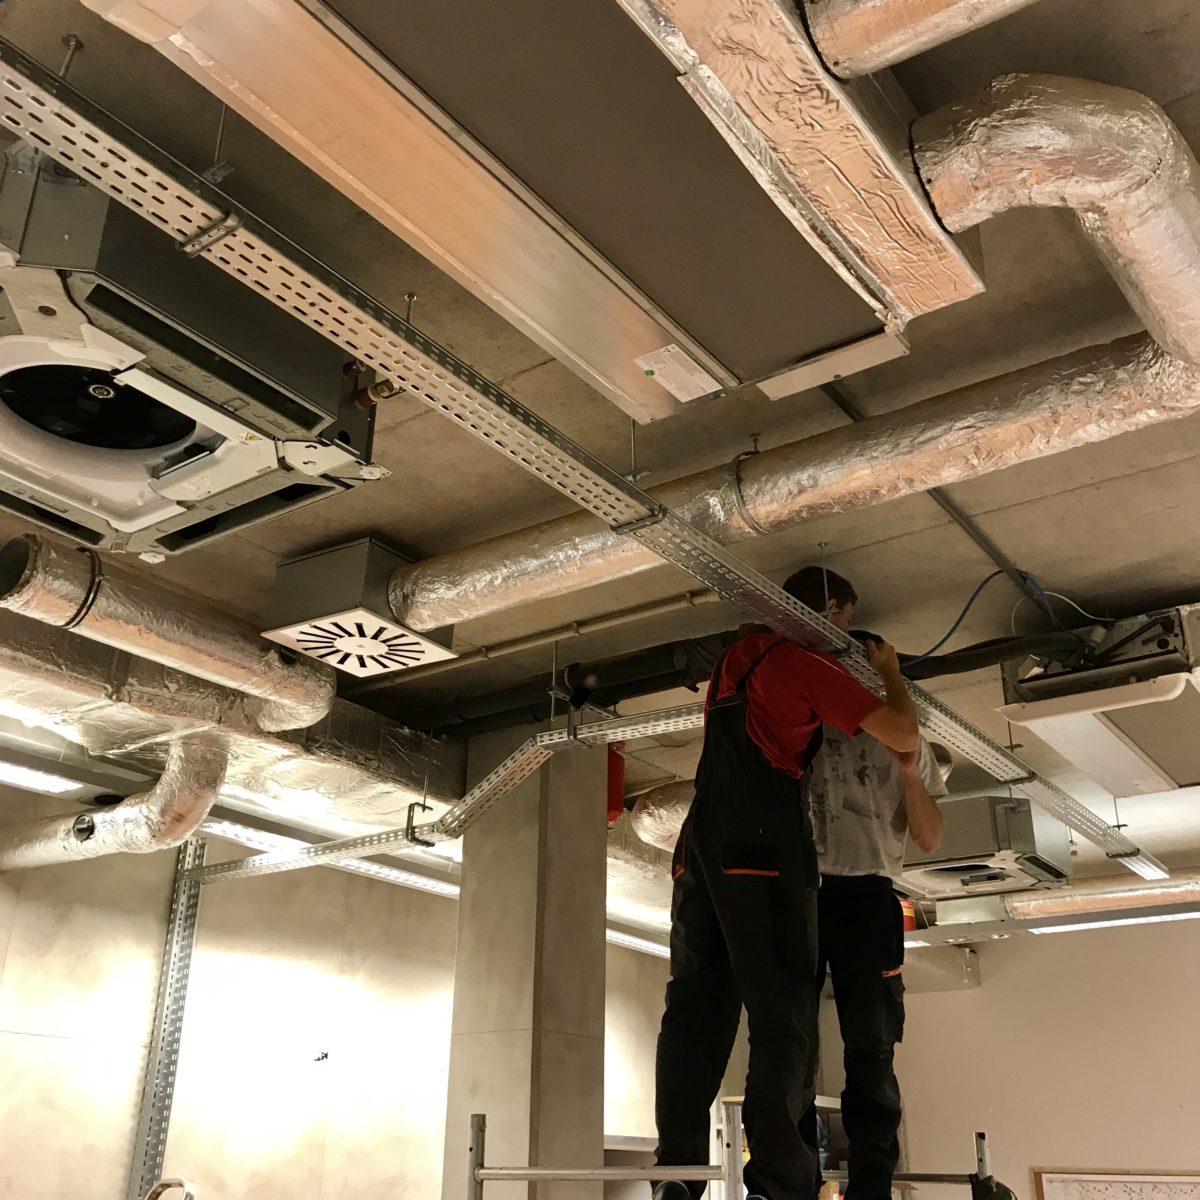 Realizacja – Wykonanie instalacji klimatyzacji oraz modernizacja kotłowni w budynku biurowym ETOS.